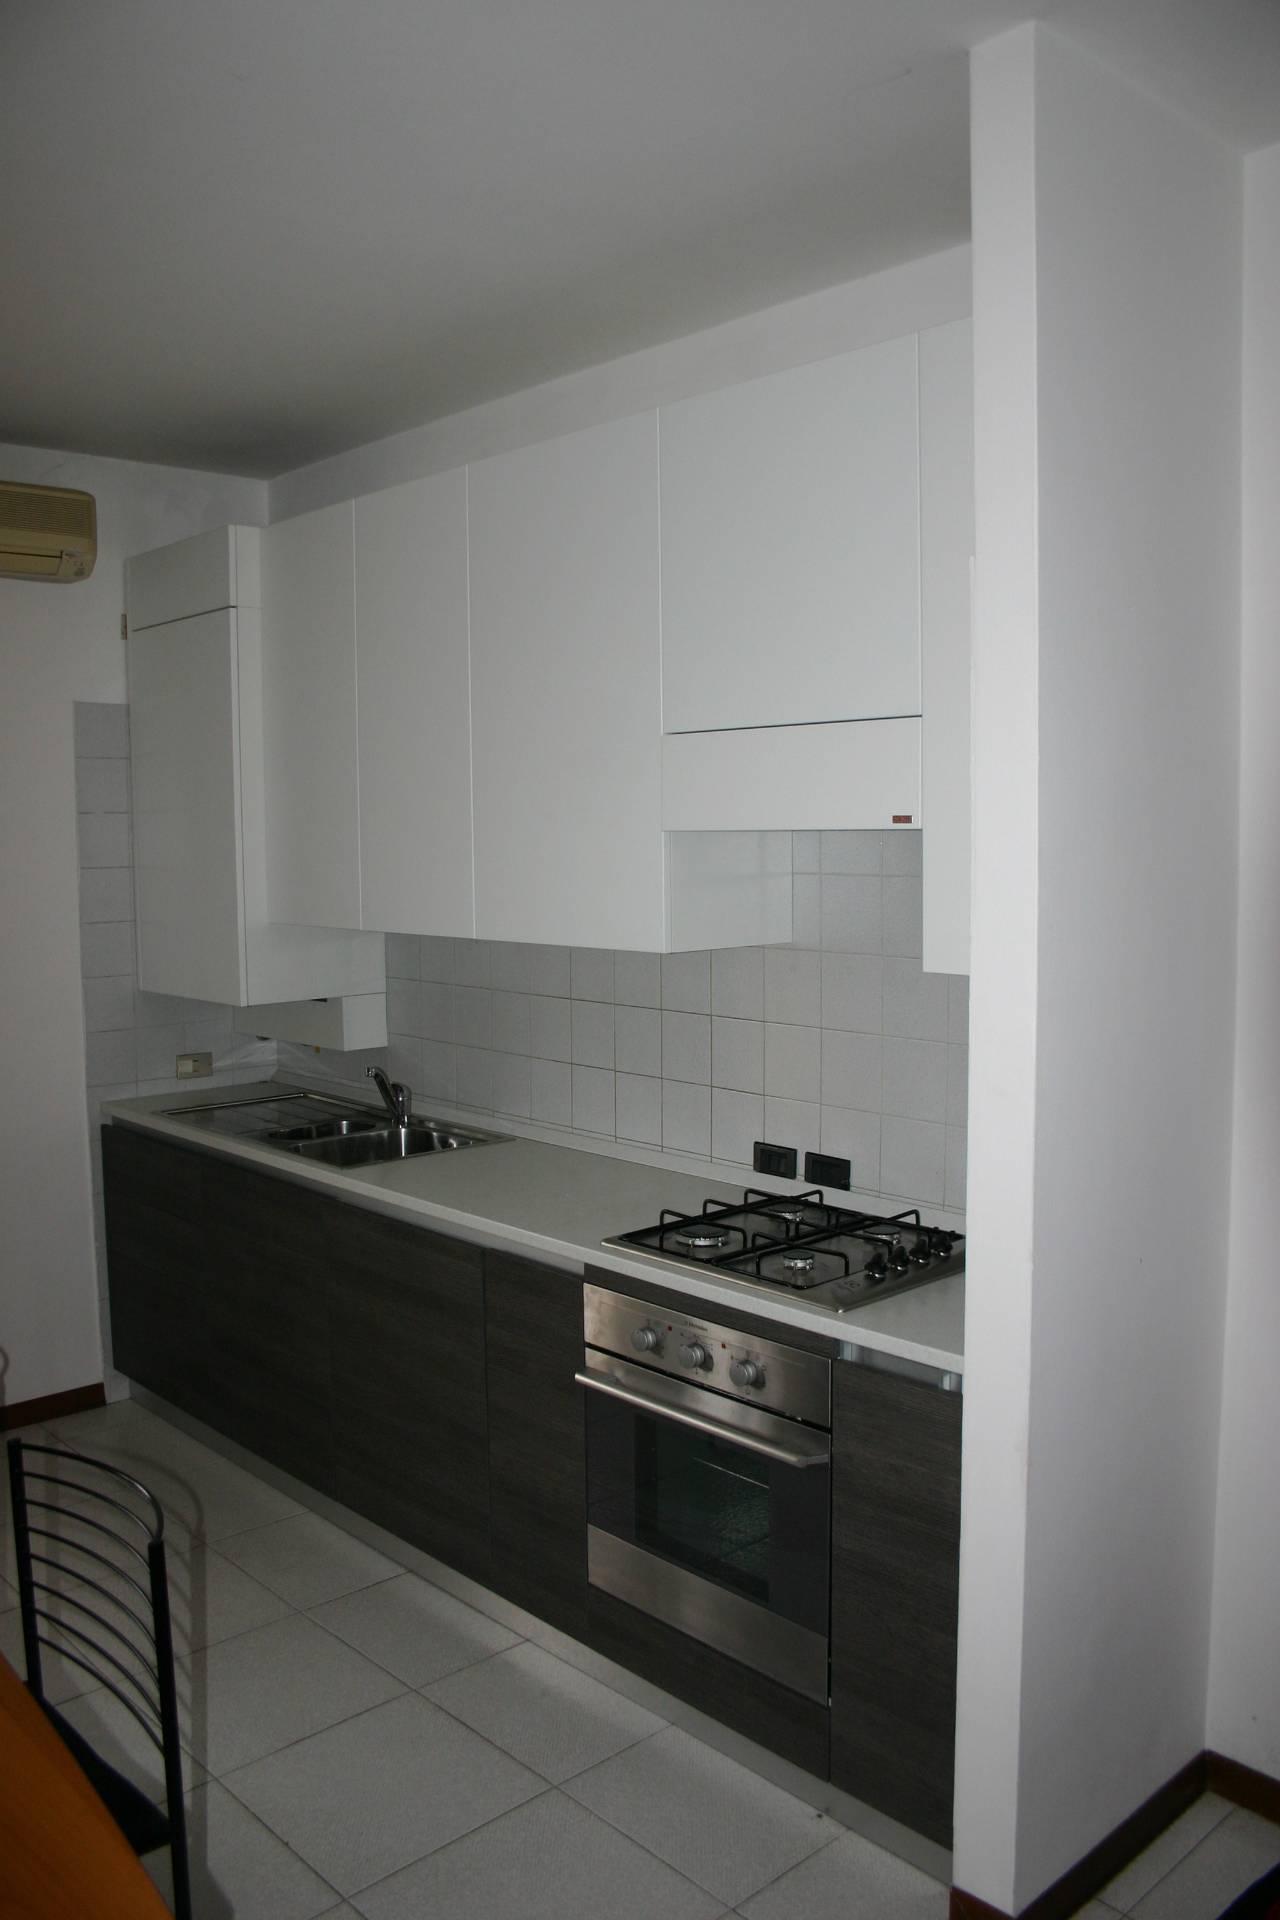 Appartamento in vendita a Villorba, 2 locali, zona tà, prezzo € 85.000 | PortaleAgenzieImmobiliari.it